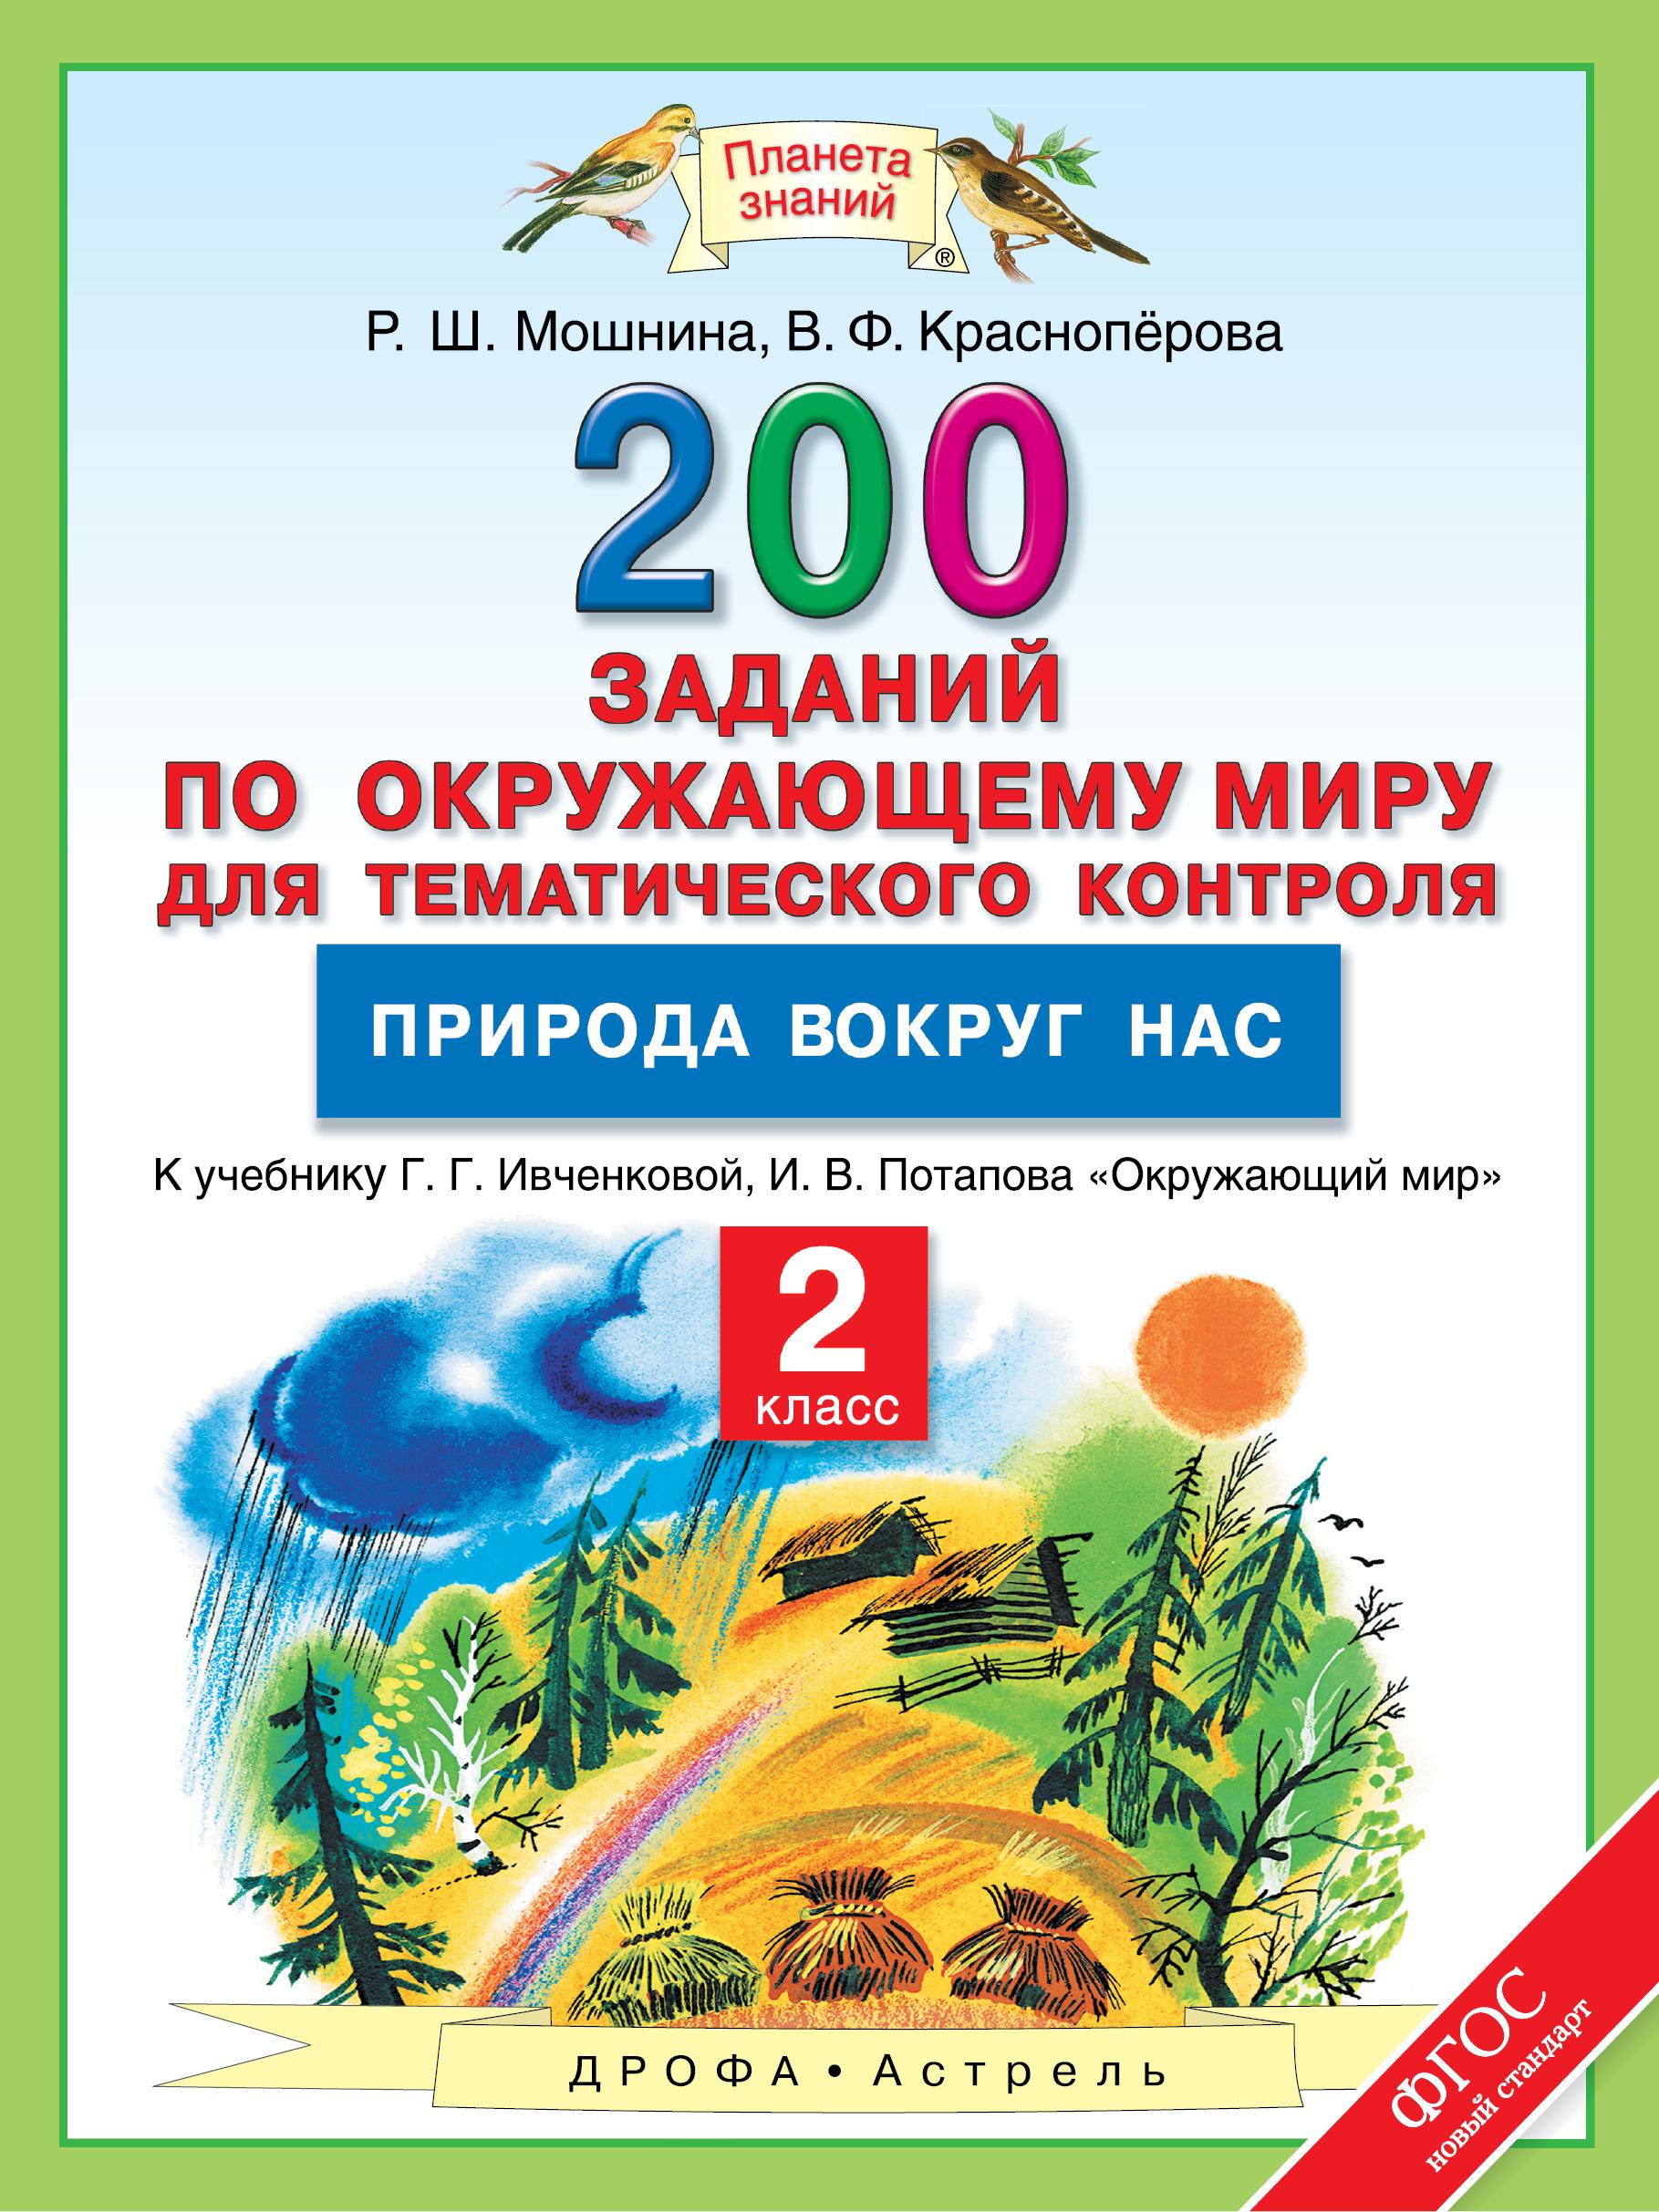 Окружающий мир. 2 класс. 200 заданий по окружающему миру для тематического контроля. Природа вокруг нас.